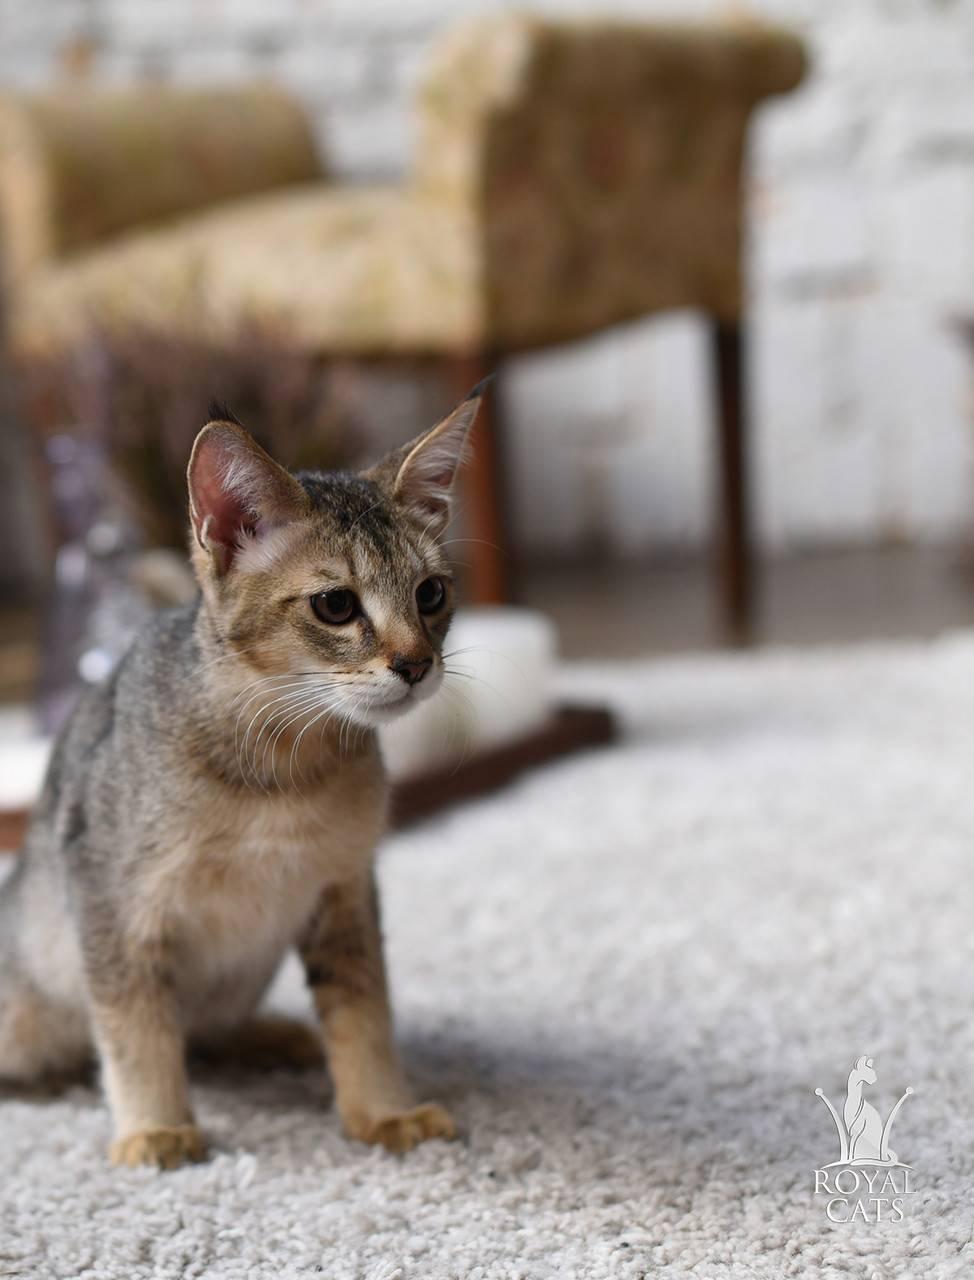 Камышовый кот: 100 фото, цена, описание породы, видео, образ жизни и среда обитания, отзывы, история породы + интересные факты